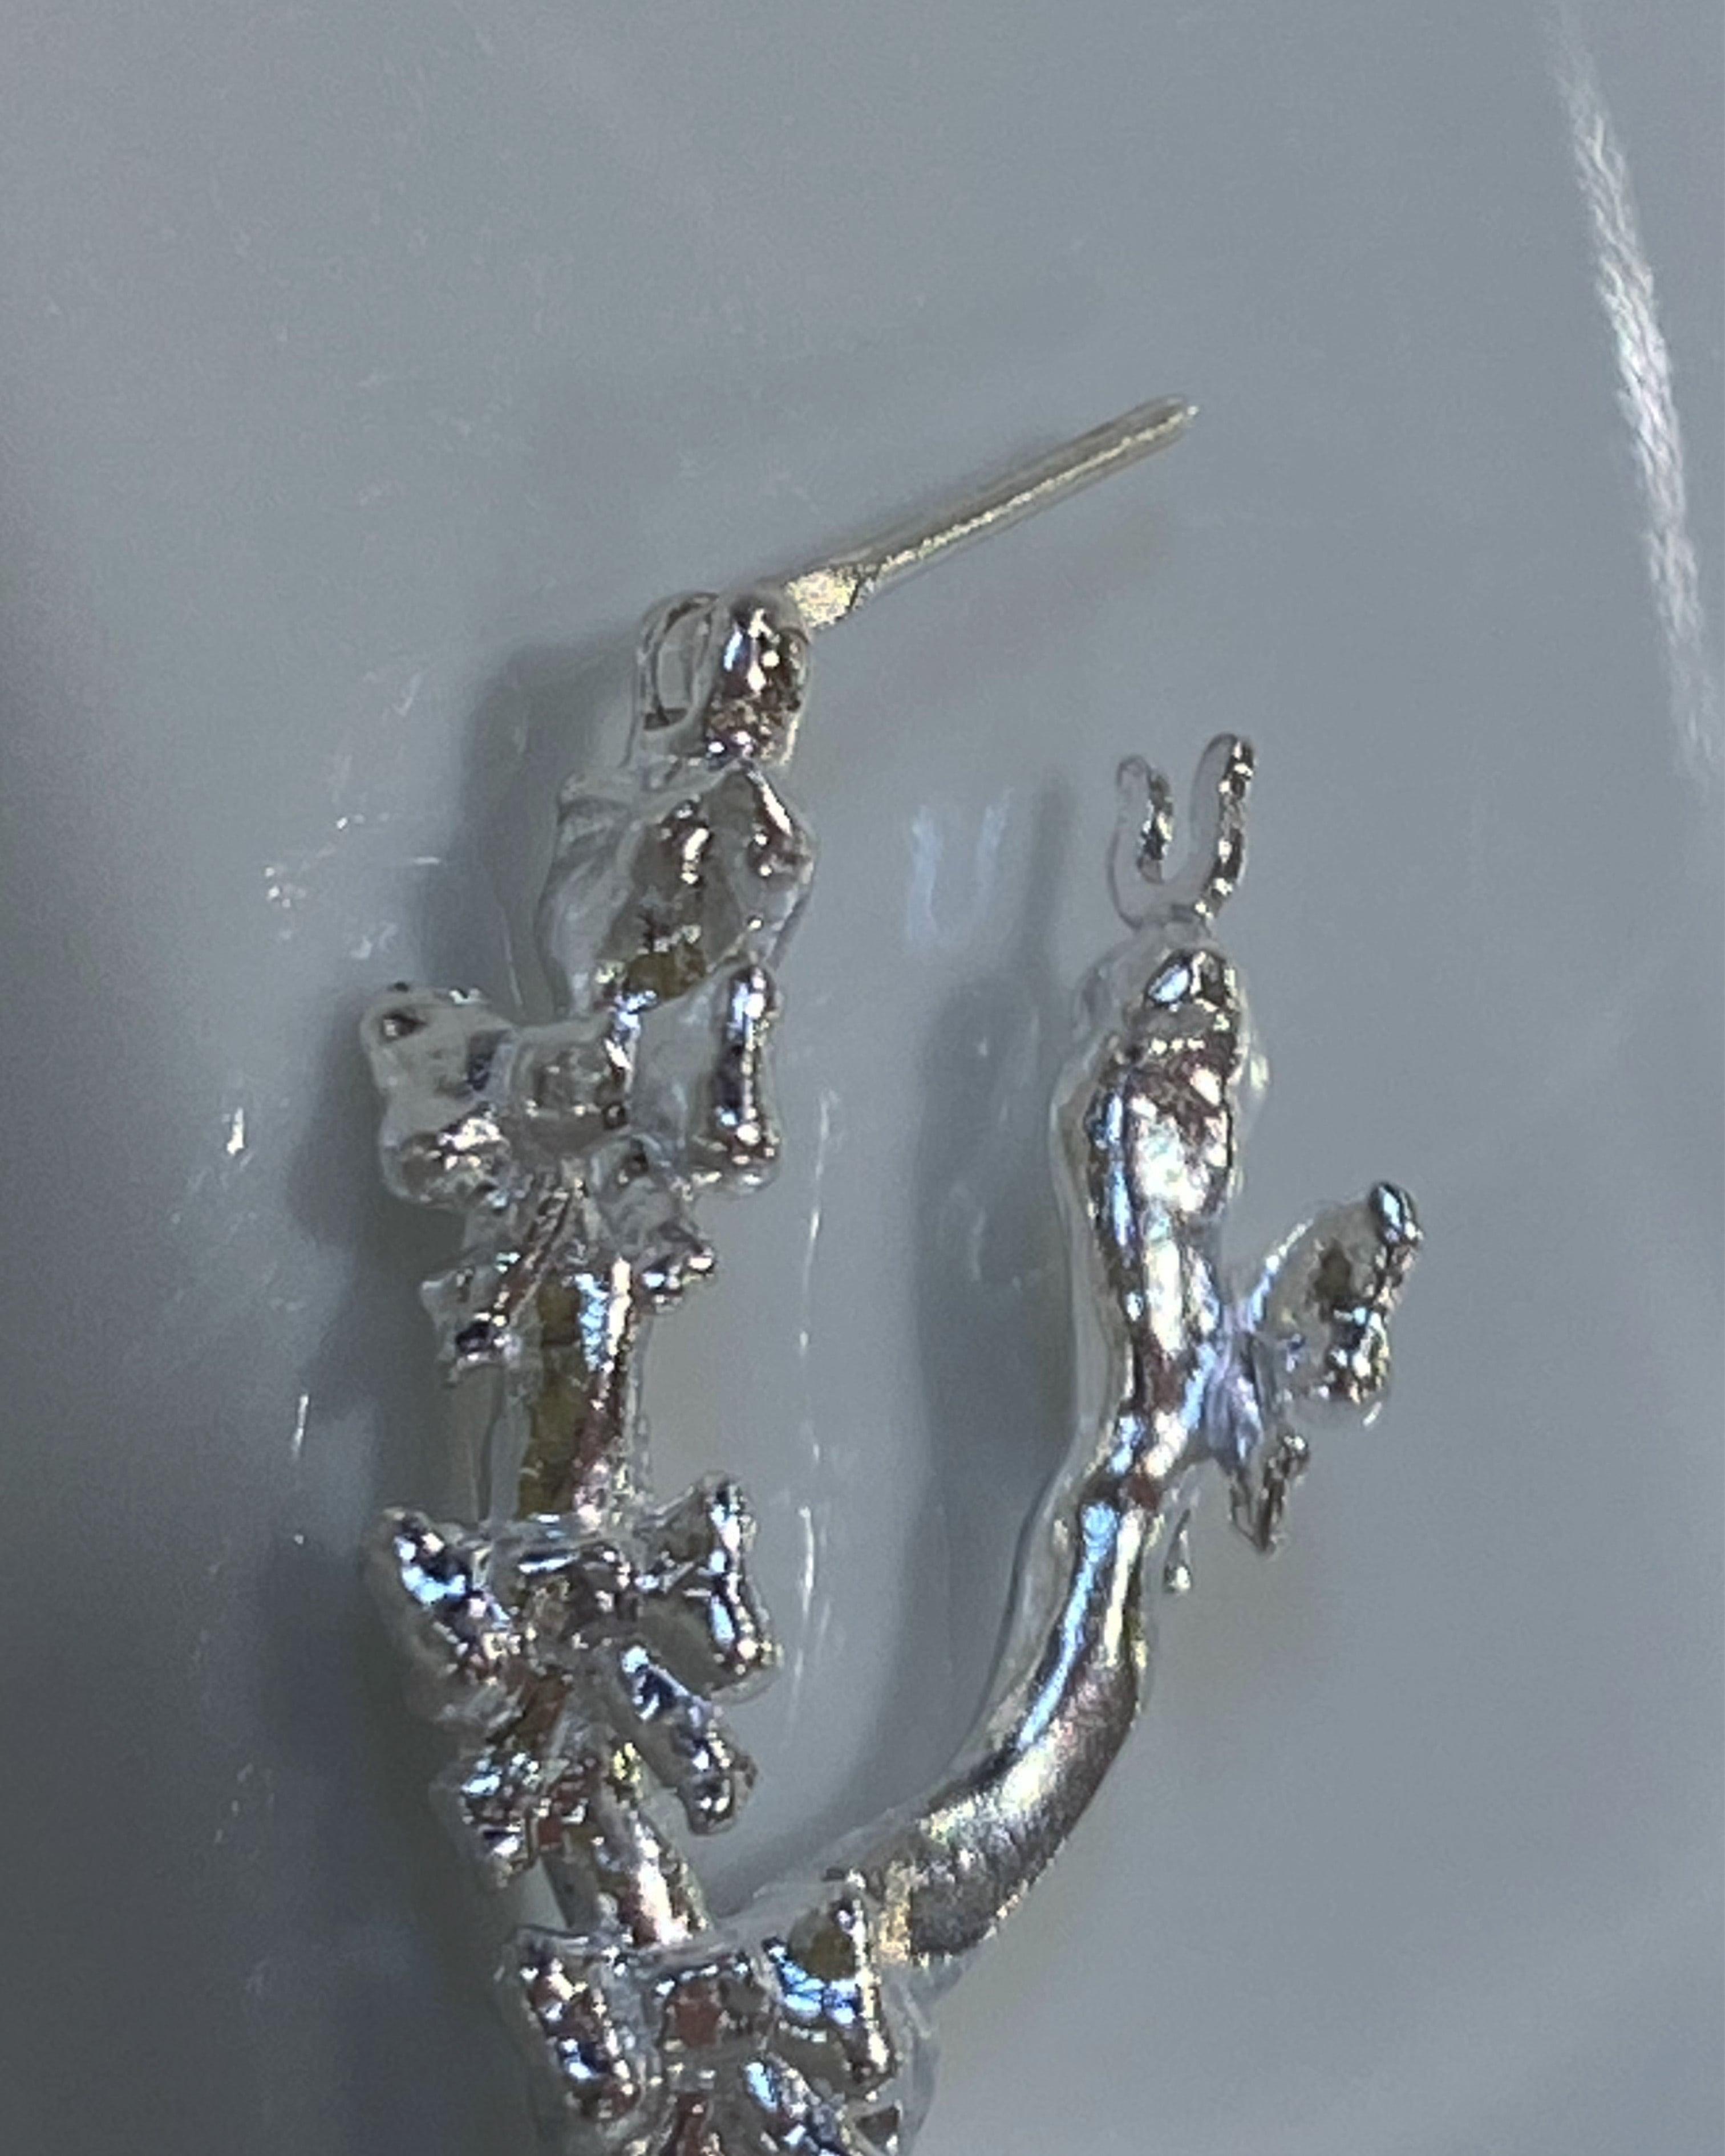 ribbone earring 3-1 片耳silver925 #LJ21057P リボーンピアス片耳